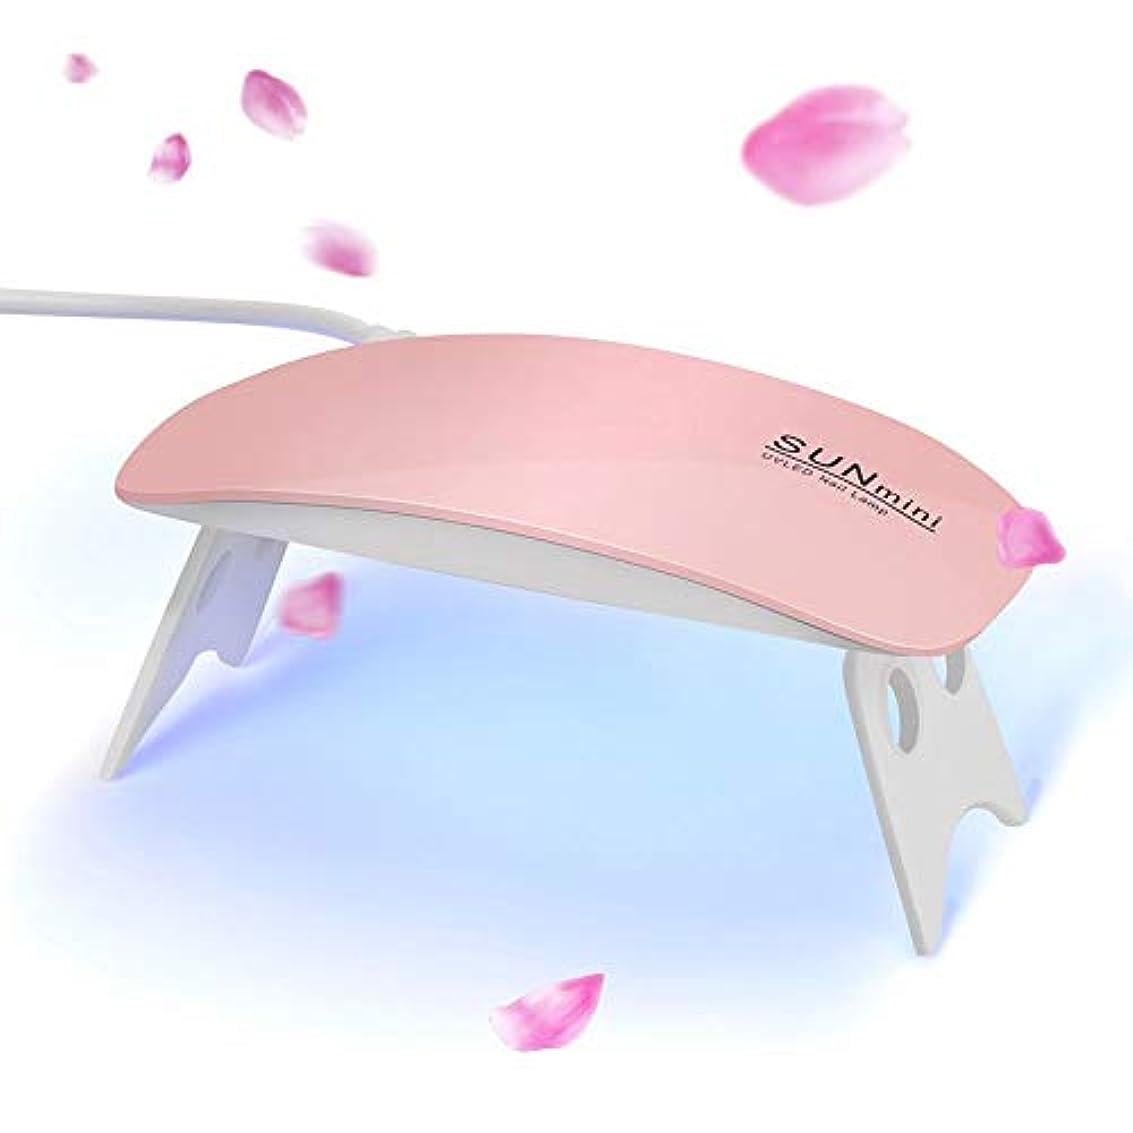 ホーン役割カウントアップLEDネイルドライヤー,KIMIHE UVライト 超ミニ USB式 ネイル用硬化ライト 2タイミング設定付き 折りたたみ式手足とも使える UV と LEDダブルライト (かわいいピンク)